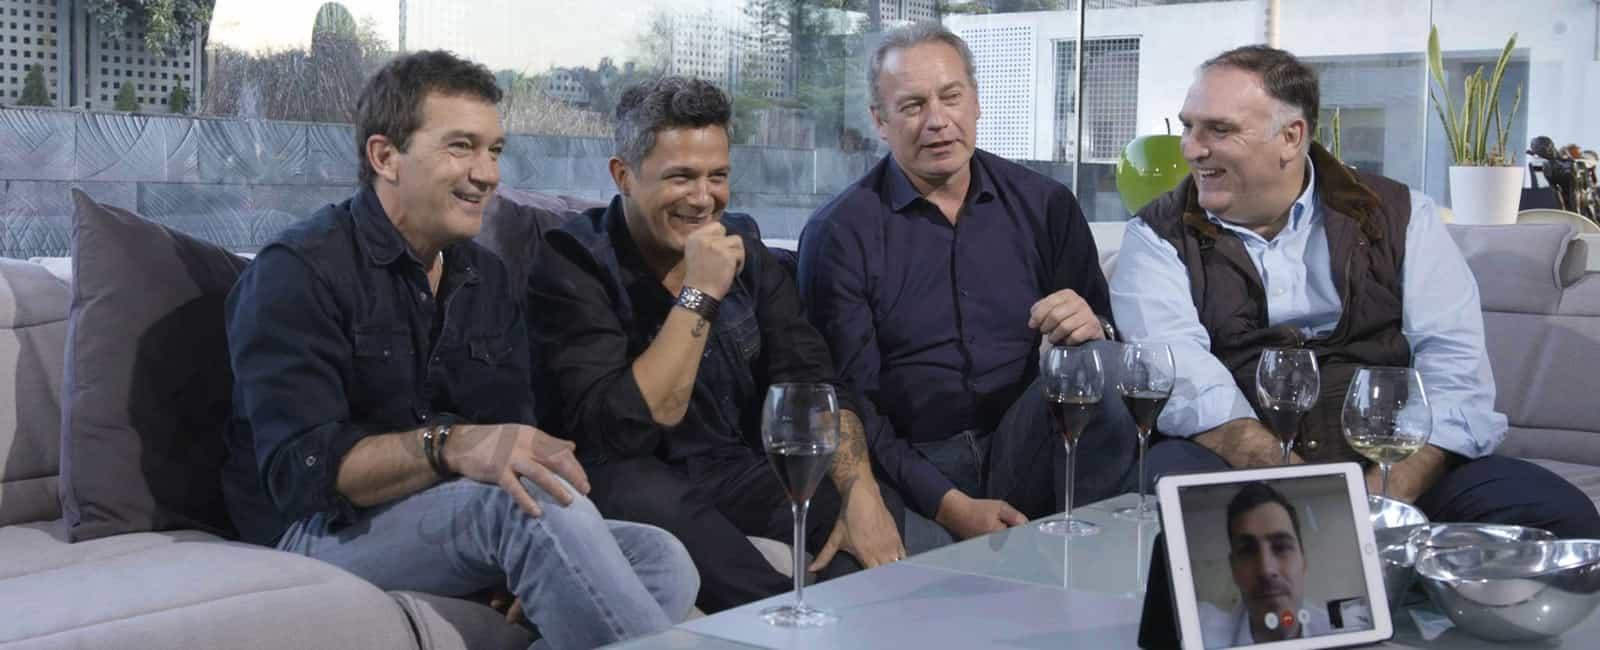 Antonio Banderas, Alejandro Sanz, Iker Casillas y José Andrés, invitados VIP en 'Mi casa es la tuya'